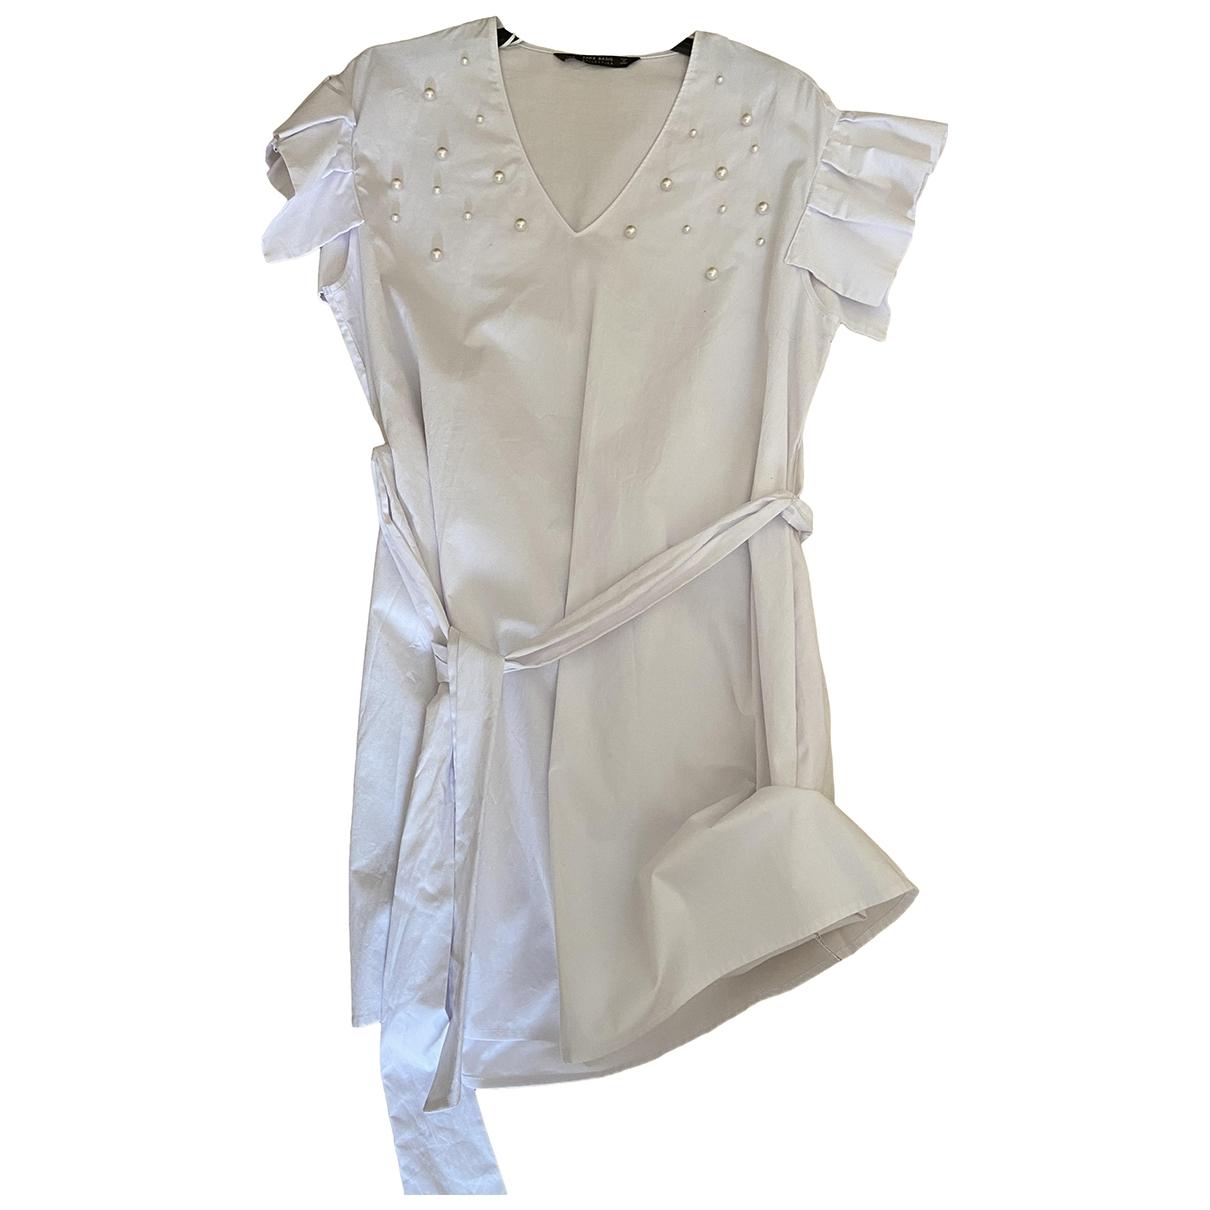 Zara \N White Cotton dress for Women S International